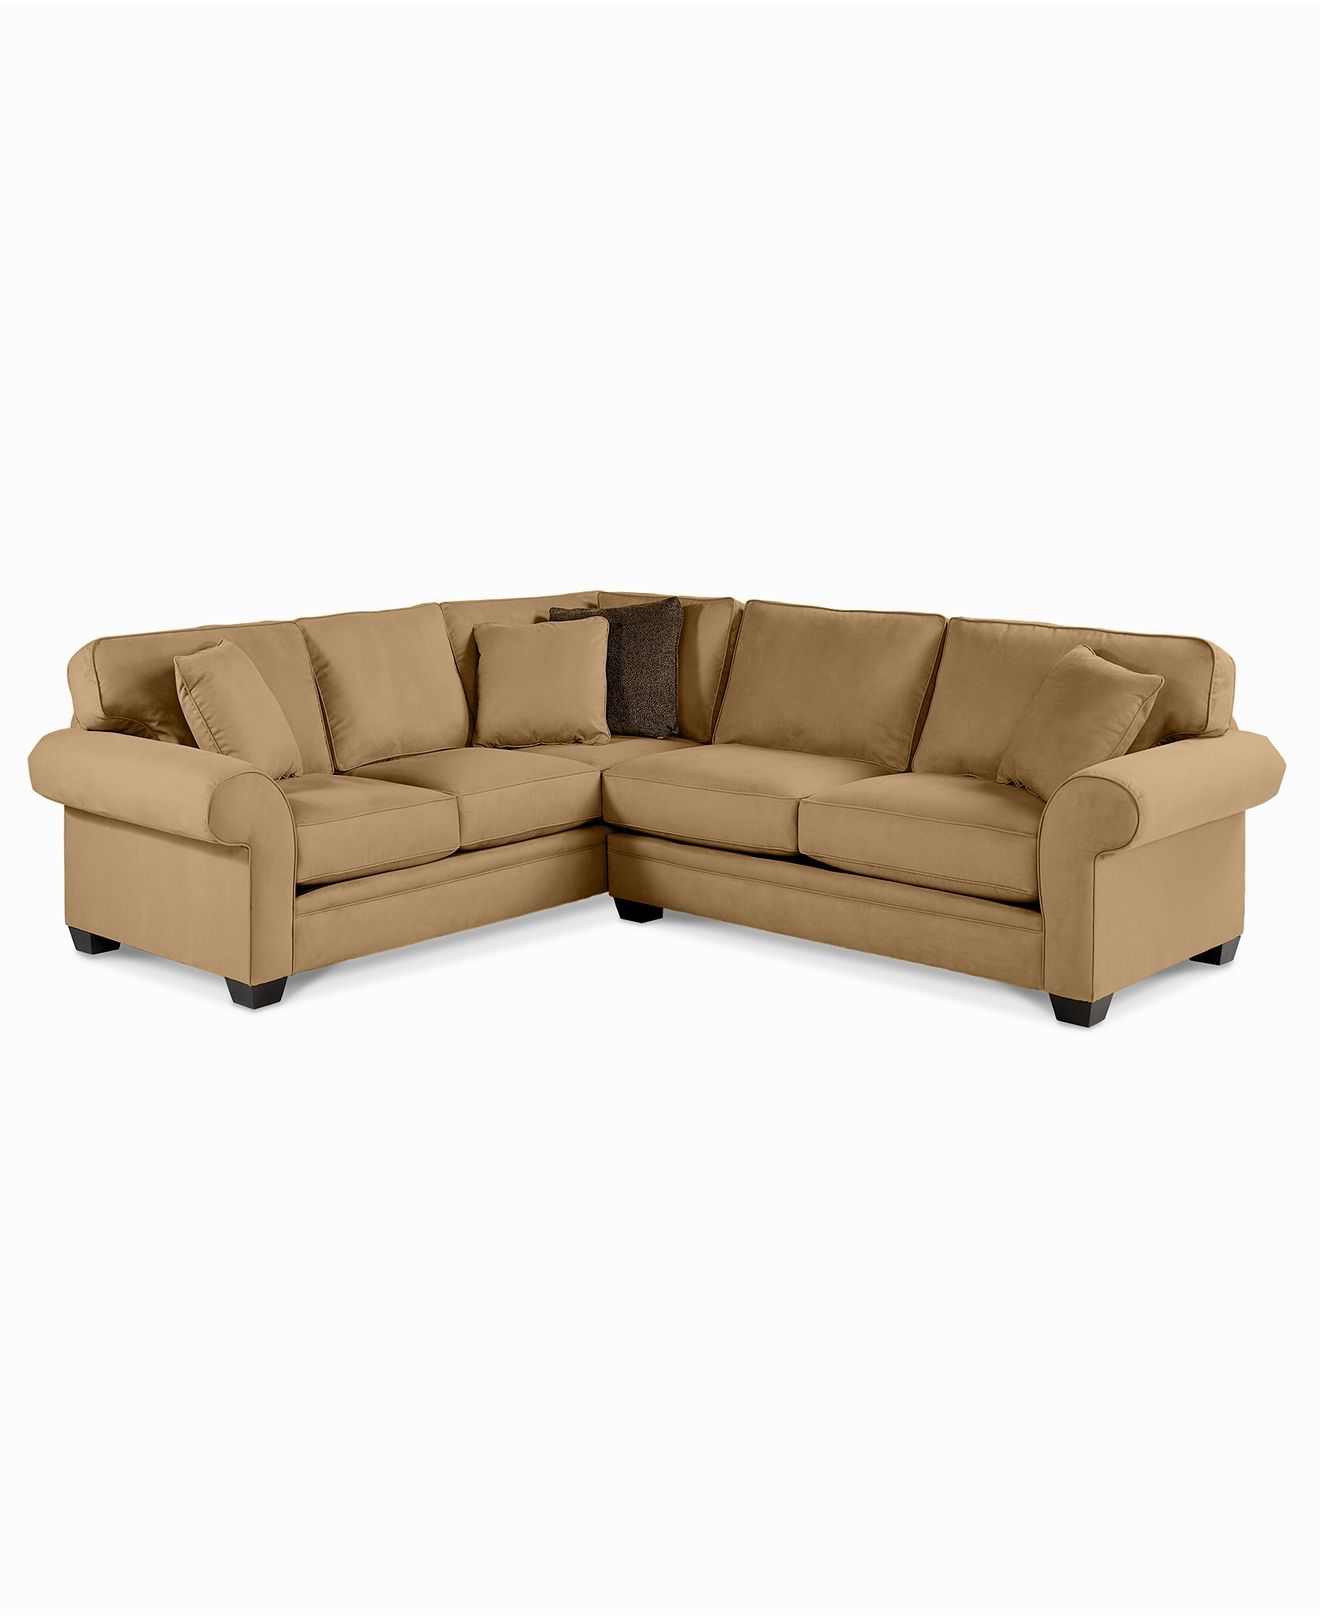 Raja Fabric Microfiber Sectional Sofa, 2 Piece 112\